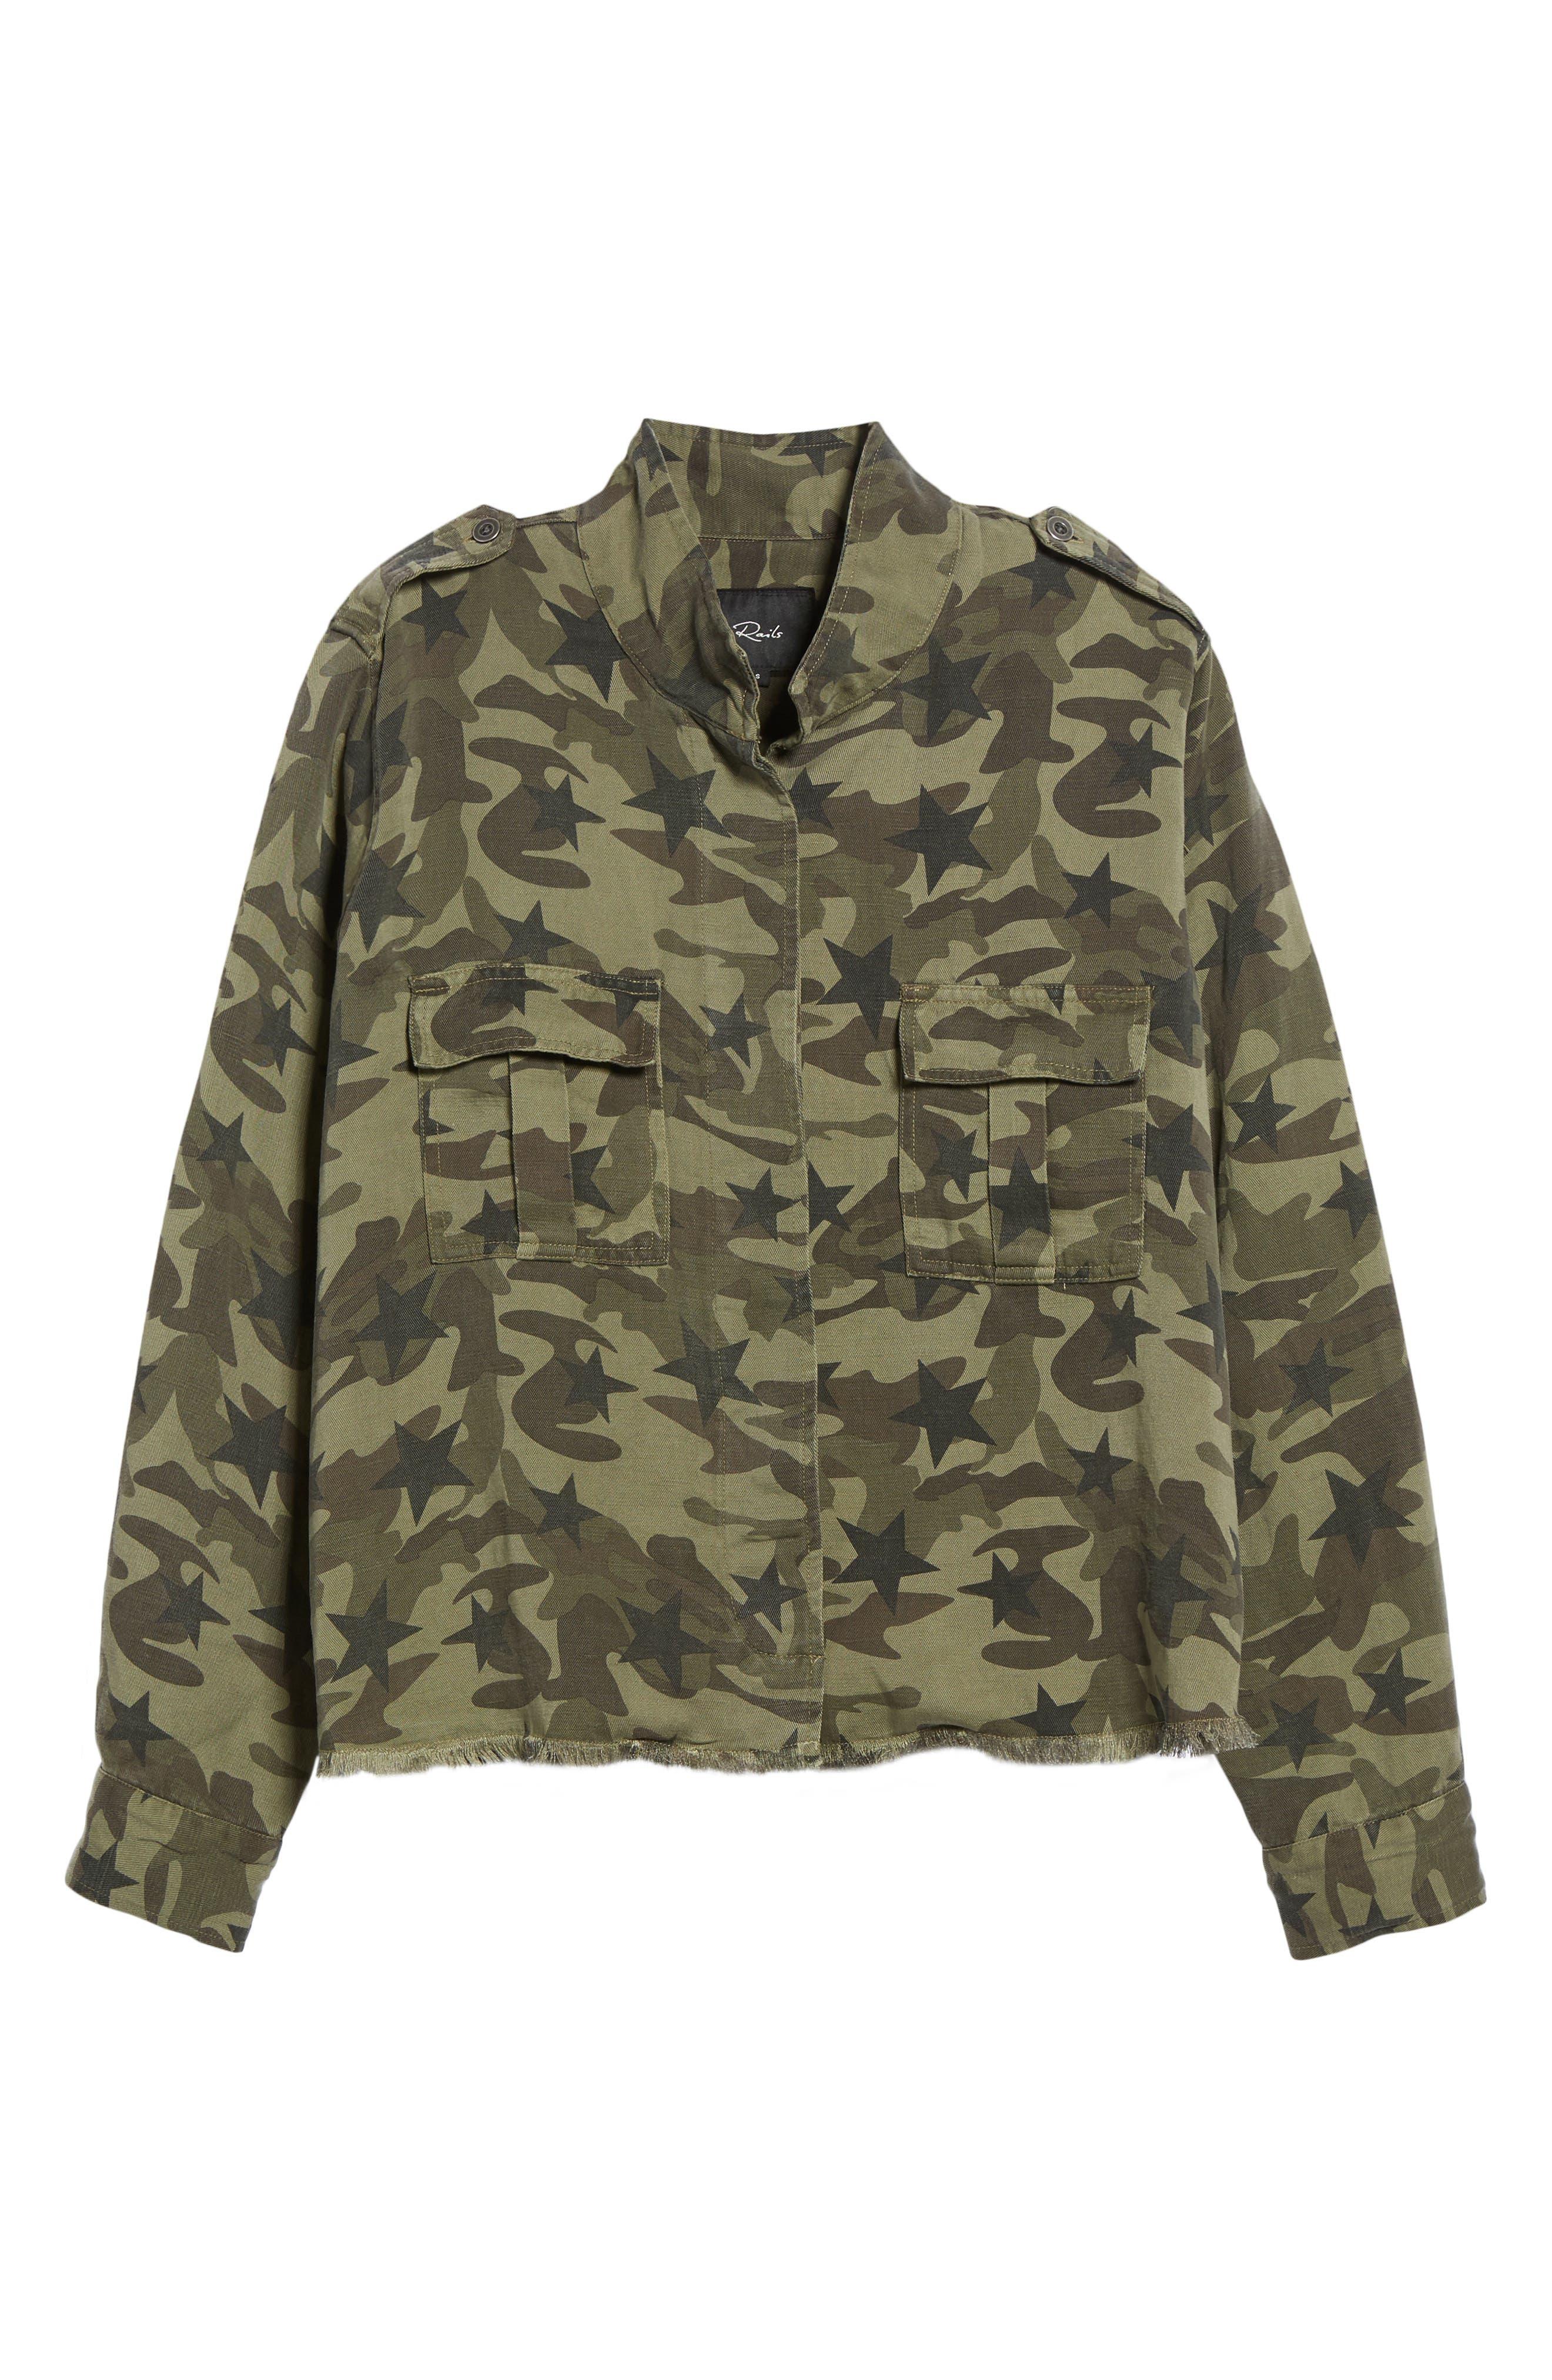 Hendrick Camo Military Jacket,                             Alternate thumbnail 6, color,                             Star Camo